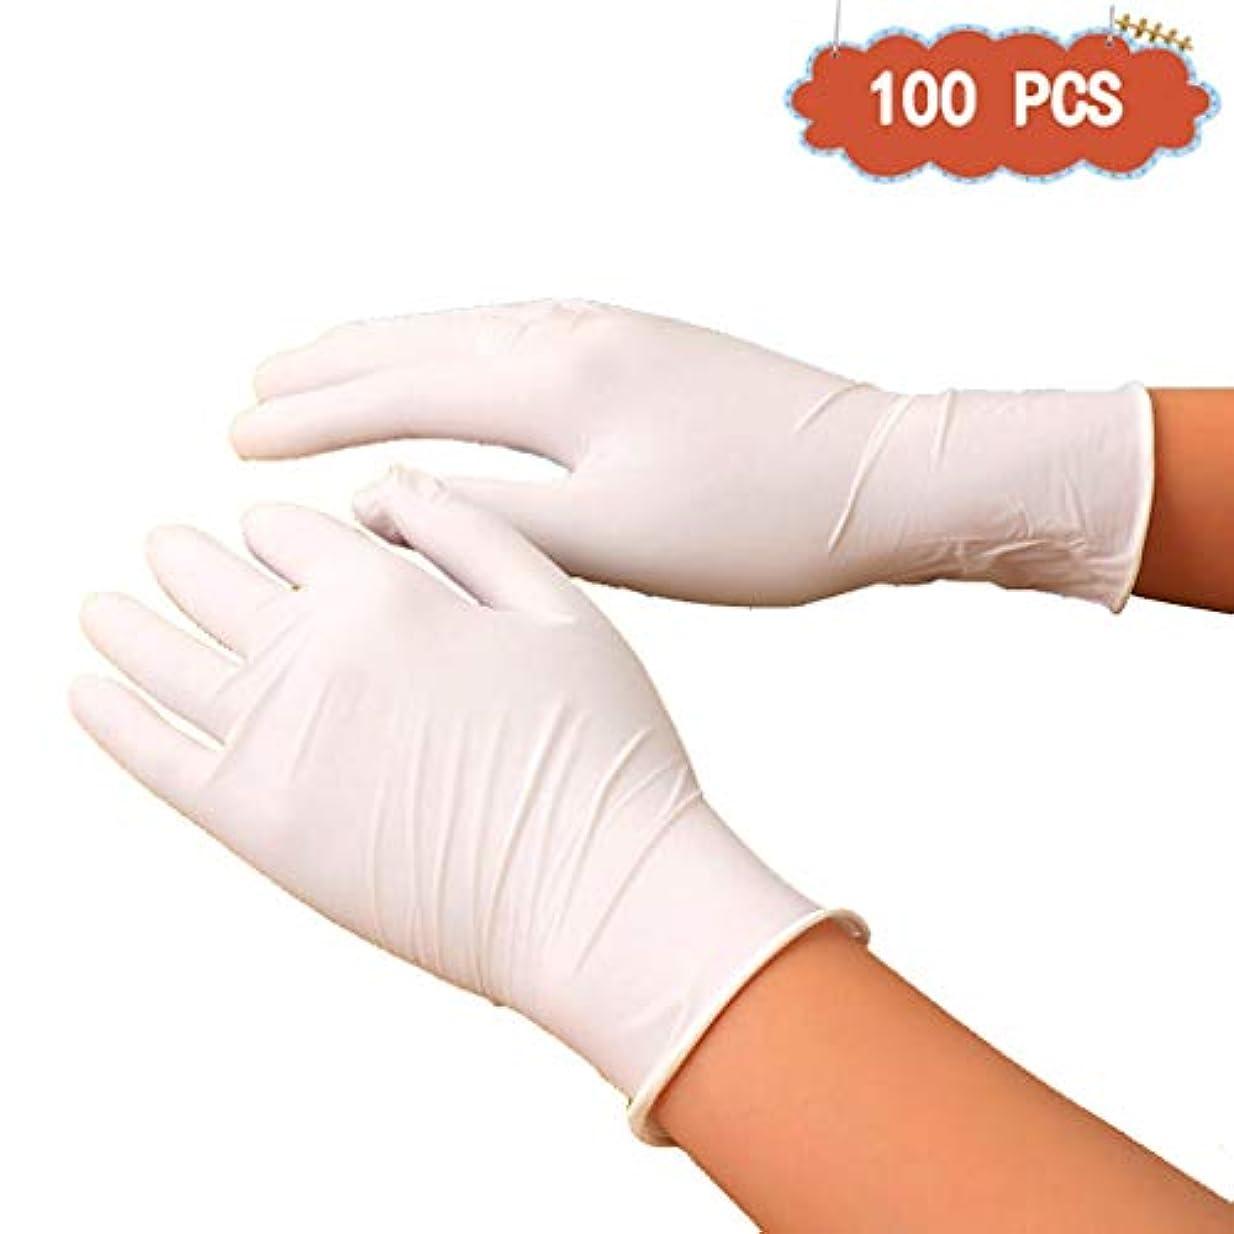 見出し速度なめるニトリルホームクリーニングと酸とアルカリ使い捨て手袋ペットケアネイルアート検査保護実験、美容院ラテックスフリー、パウダーフリー、両手利き、100個 (Color : White, Size : M)